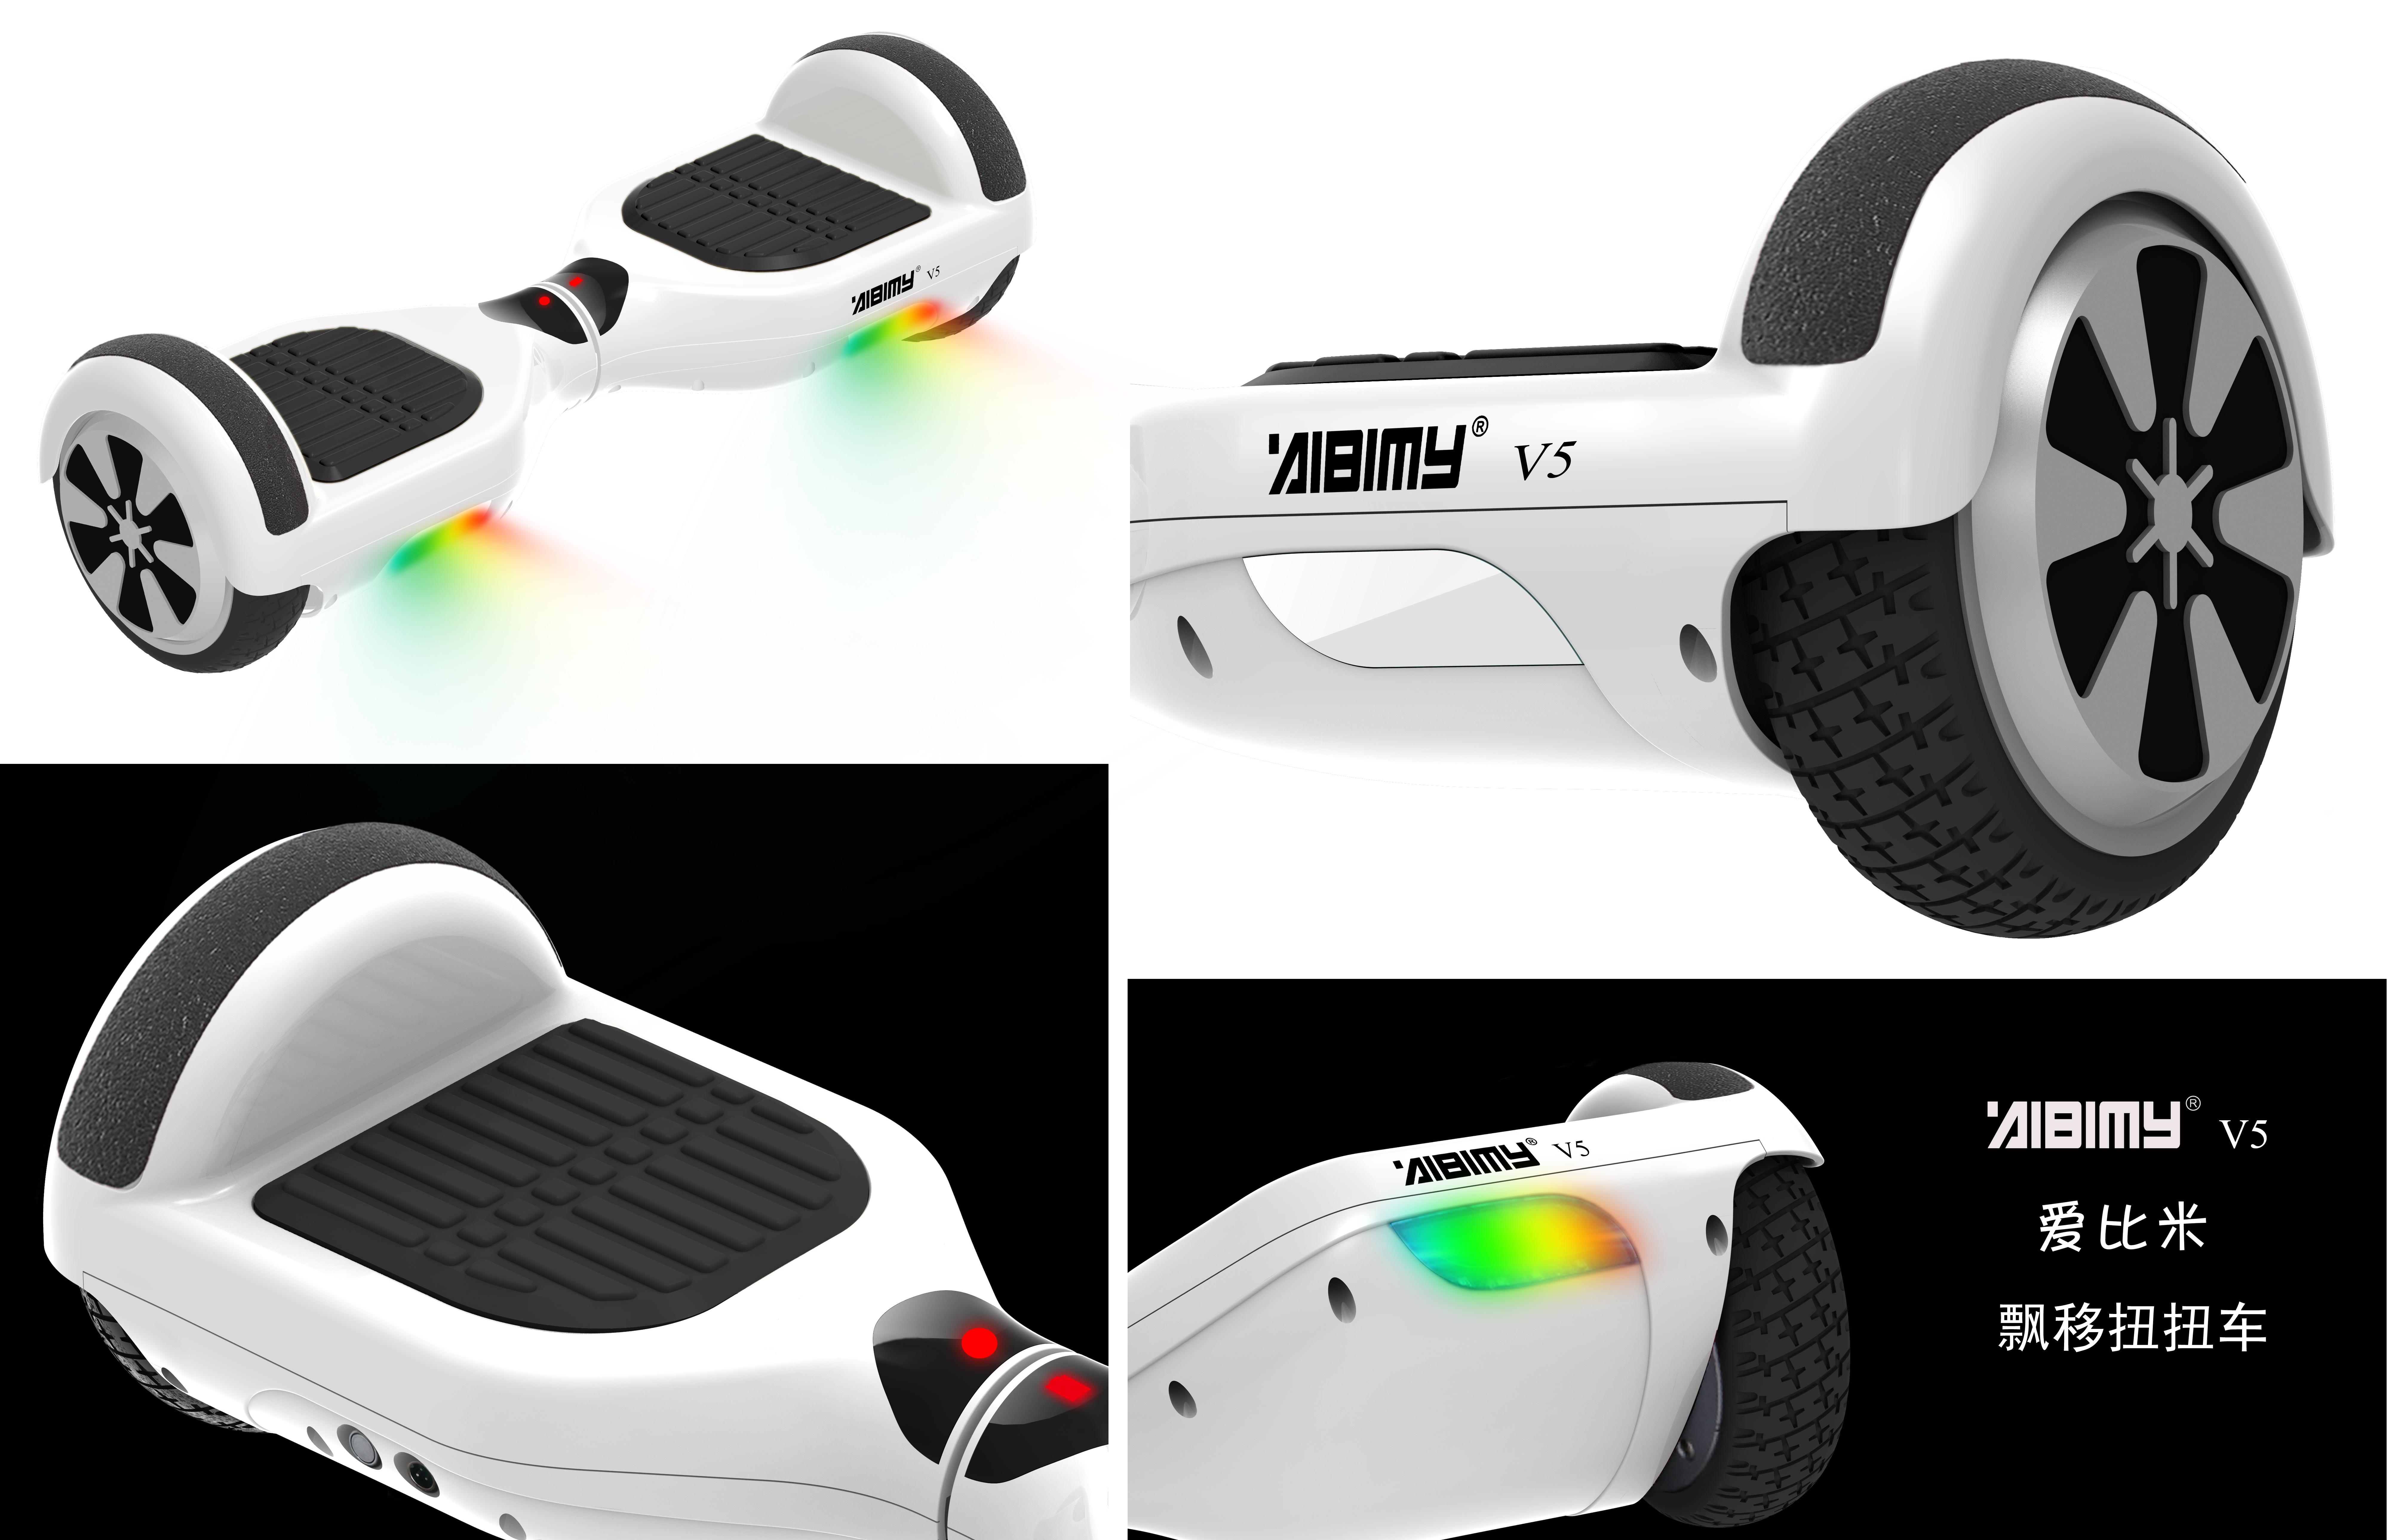 Balance scooter V5